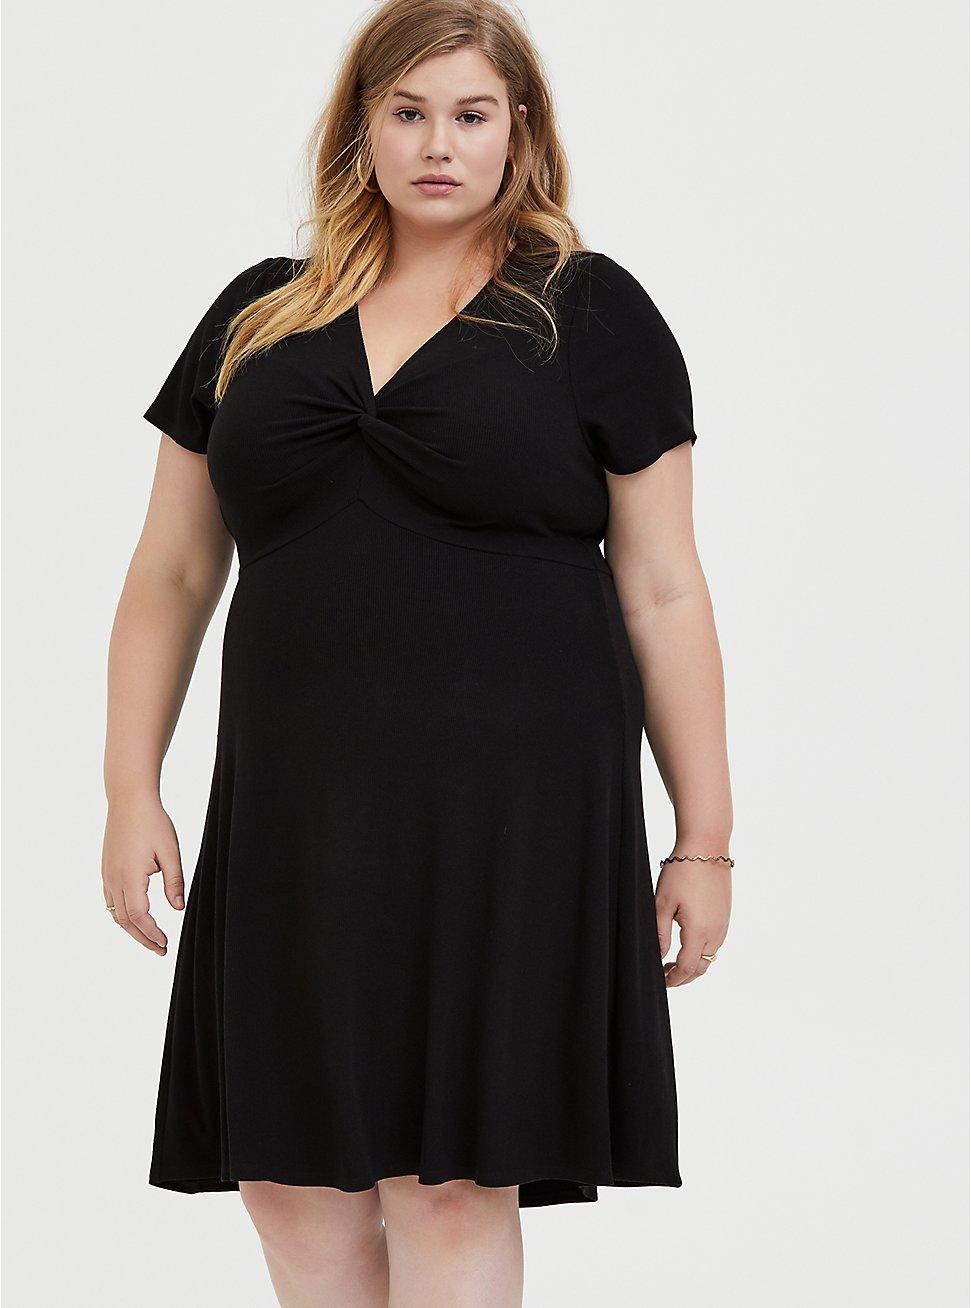 Black Rib Twist Front Skater Dress, , fitModel1-hires